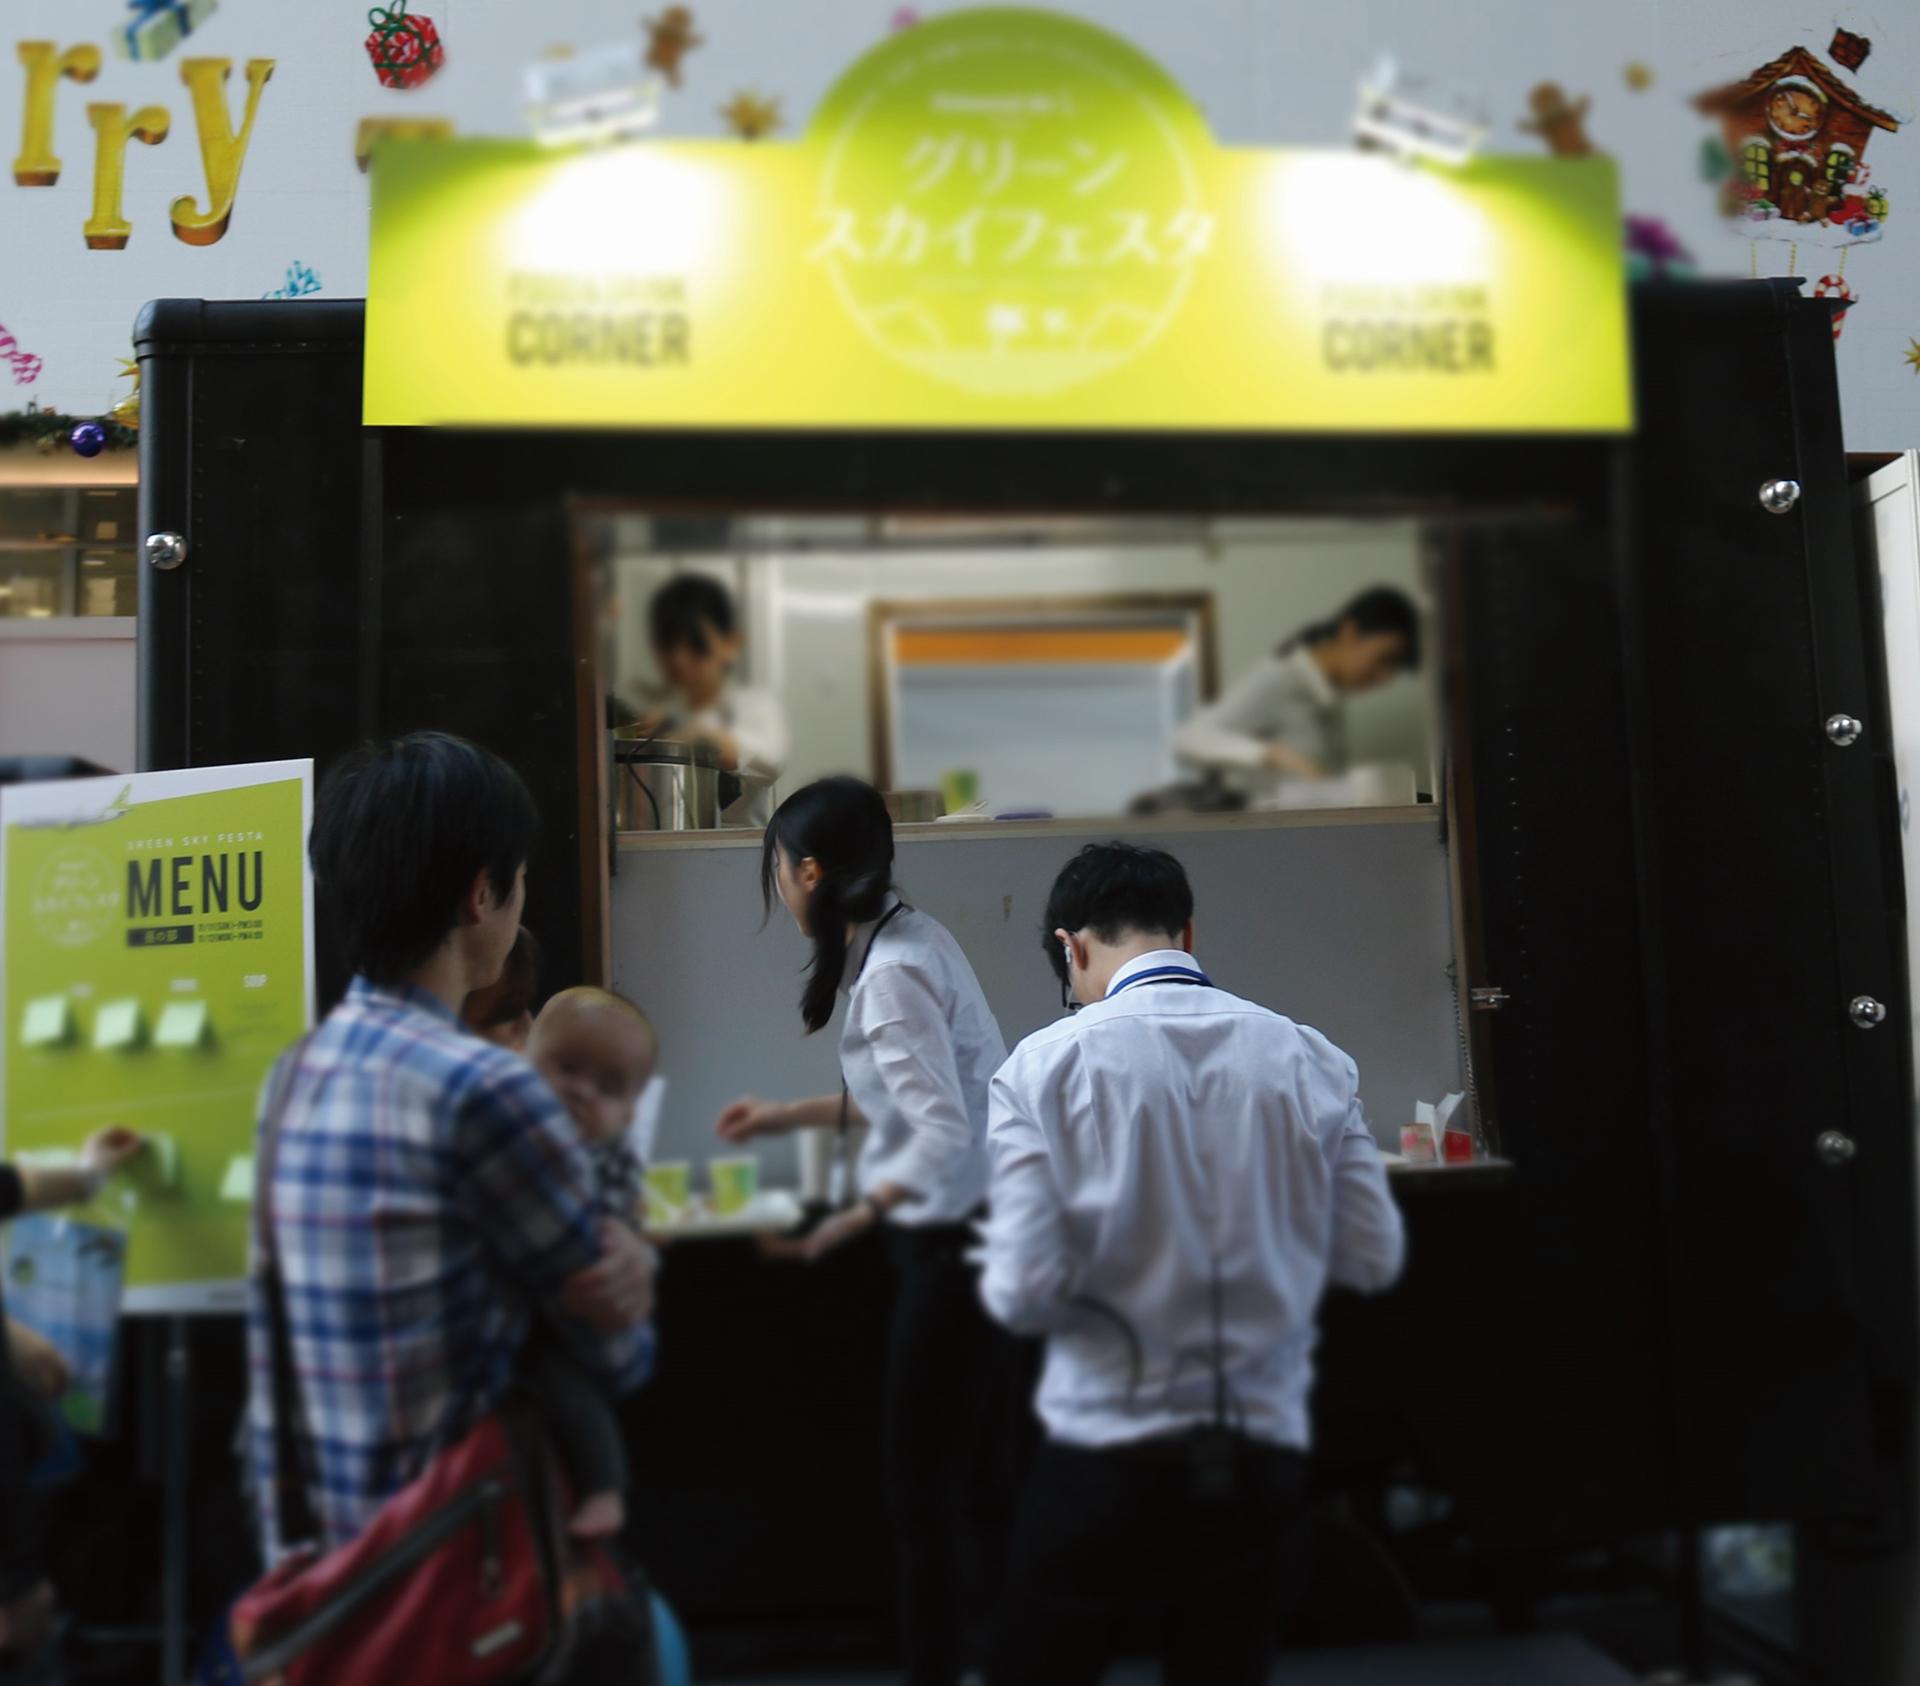 ソラシドエア Presents グリーンスカイフェスタで利用できるキッチンカー